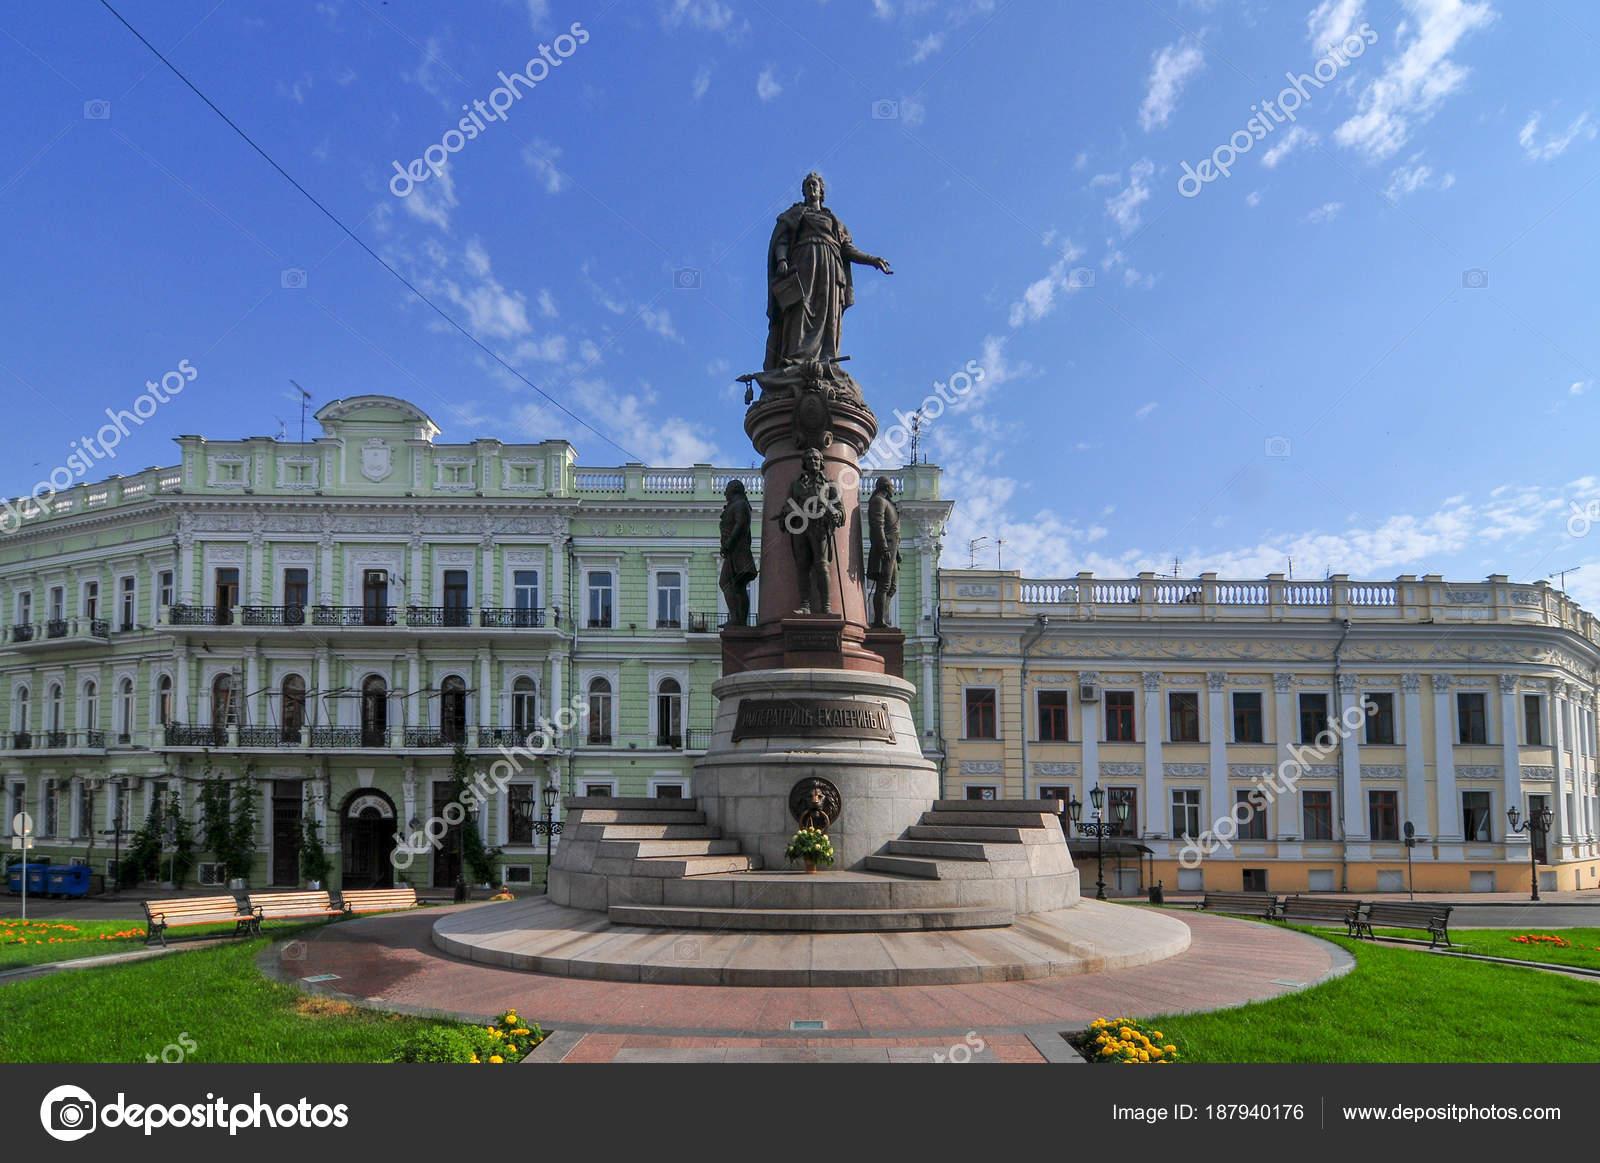 Екатерина великая одесса, украина — стоковое фото © demerzel21.